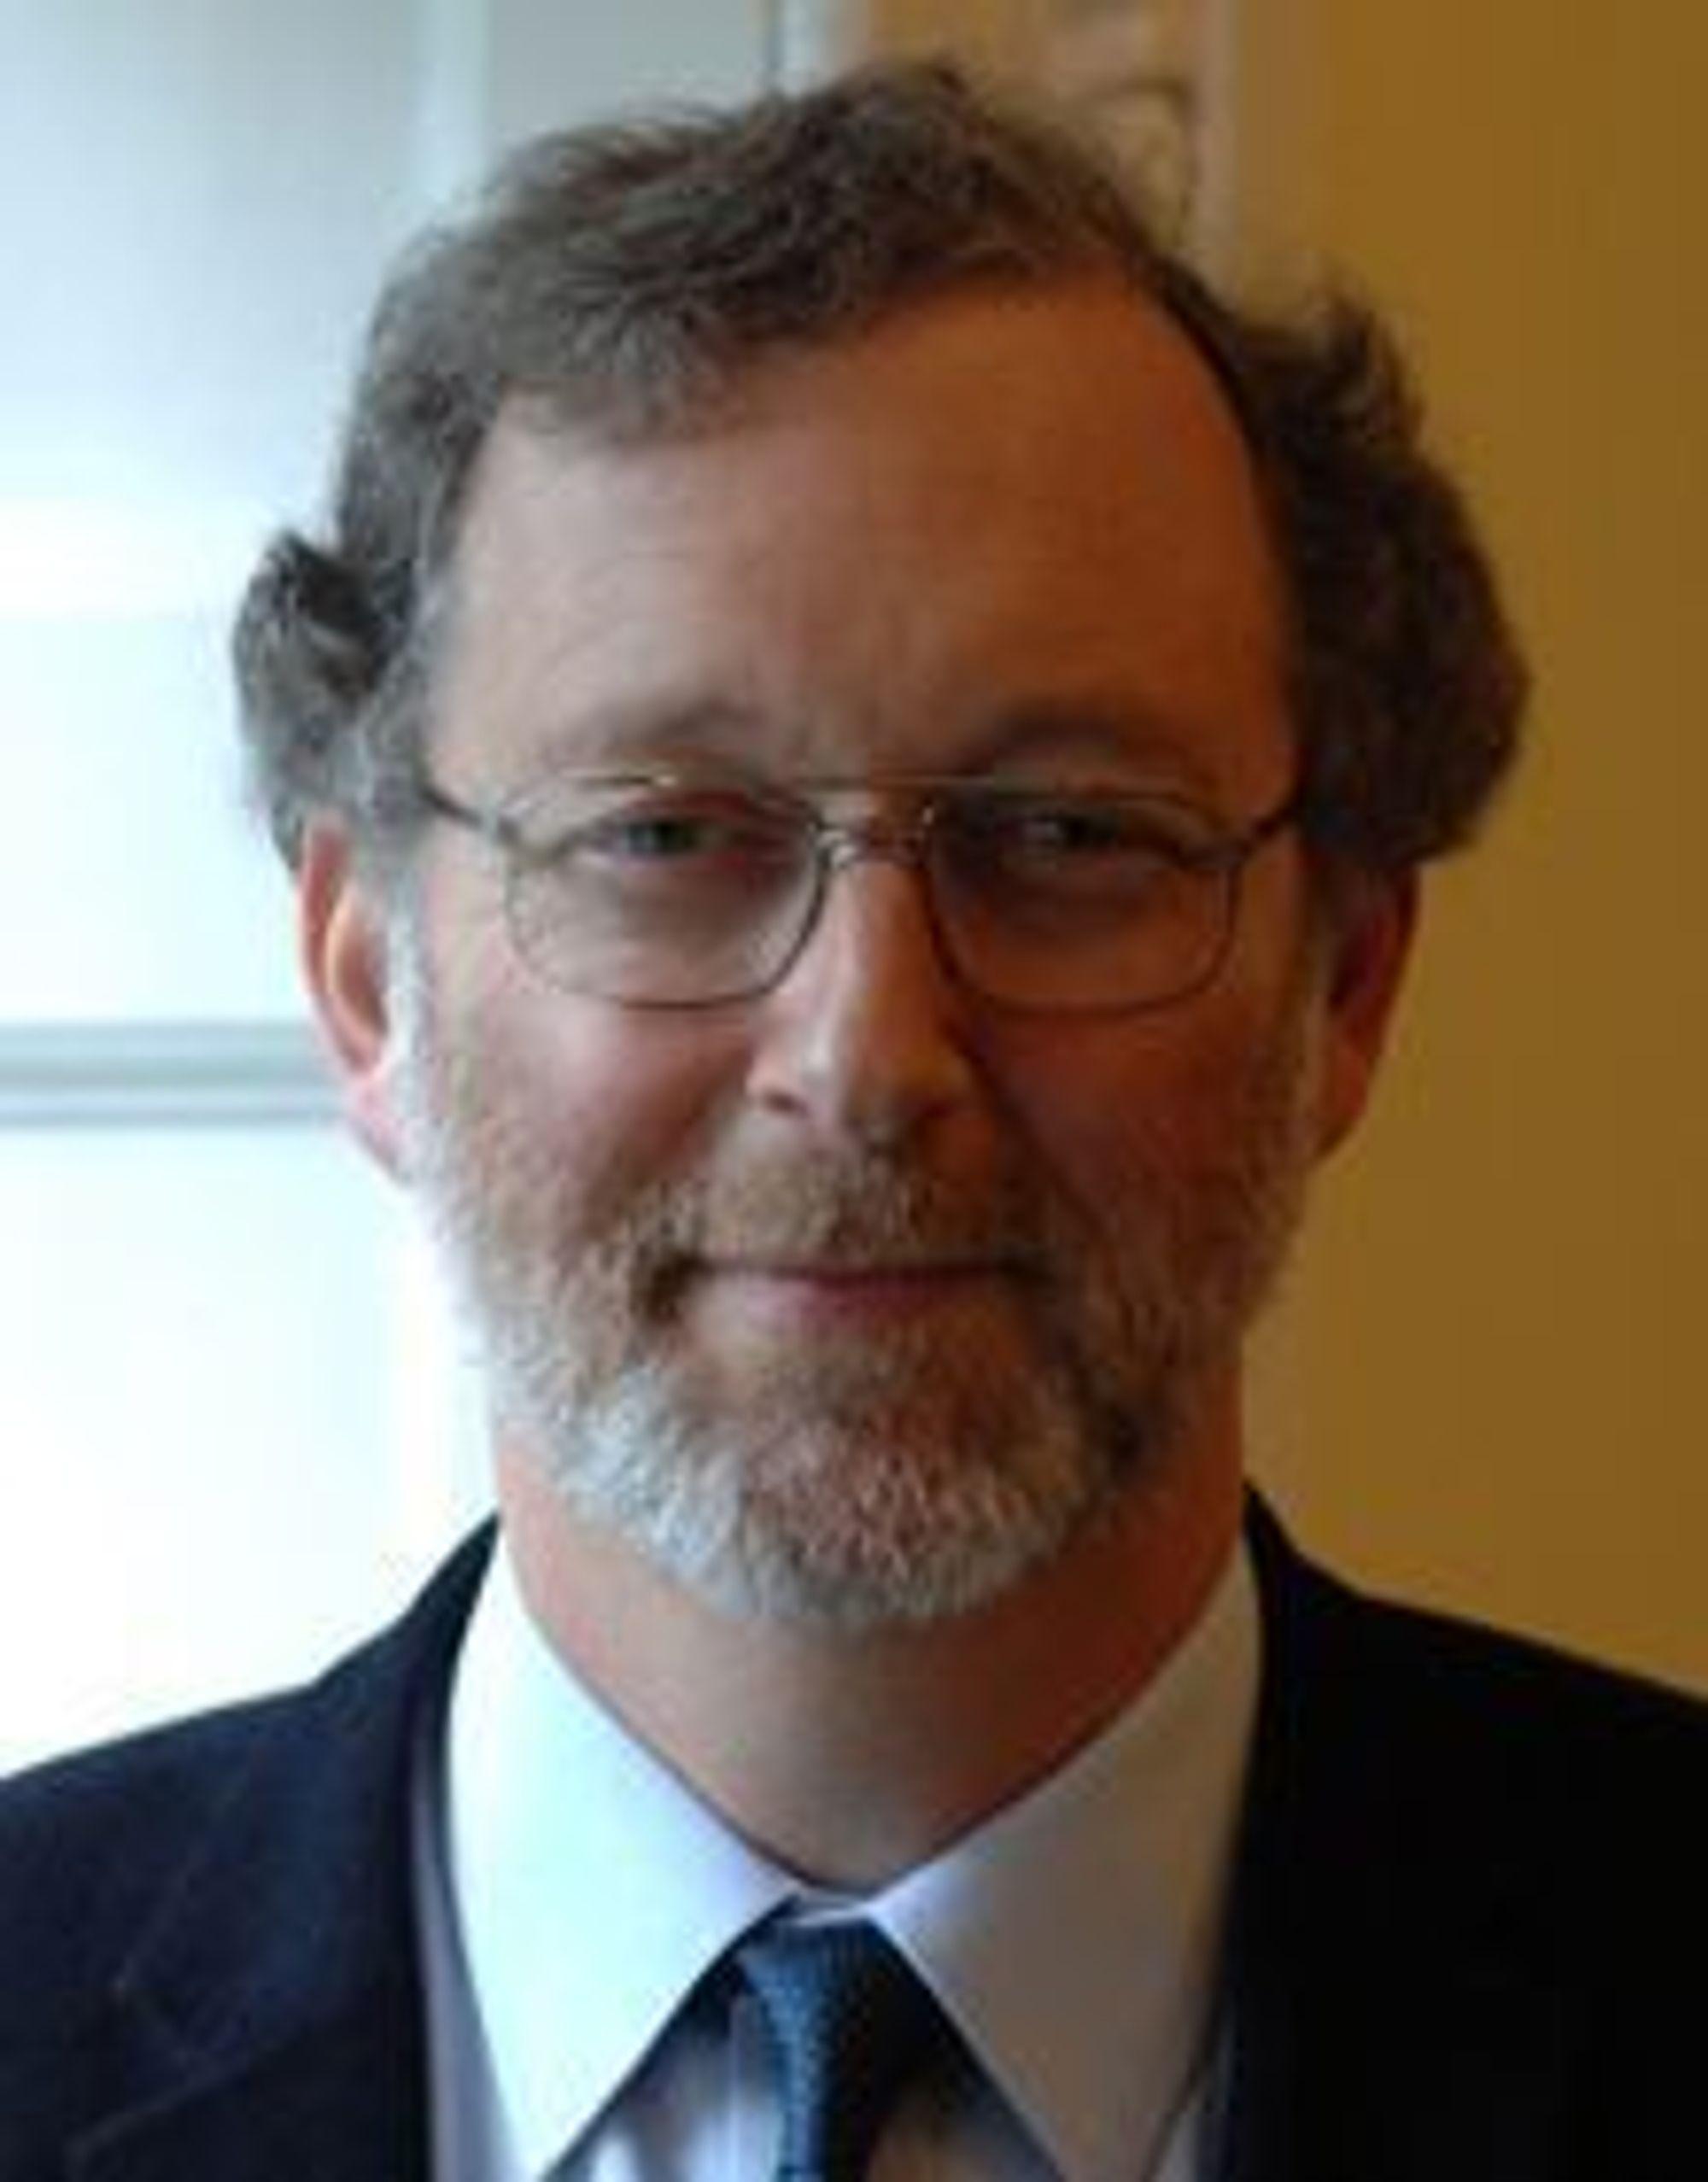 BEKYMRET: Jonathan Stern er leder for gassforskning ved Oxford Institute for Energy Studies.